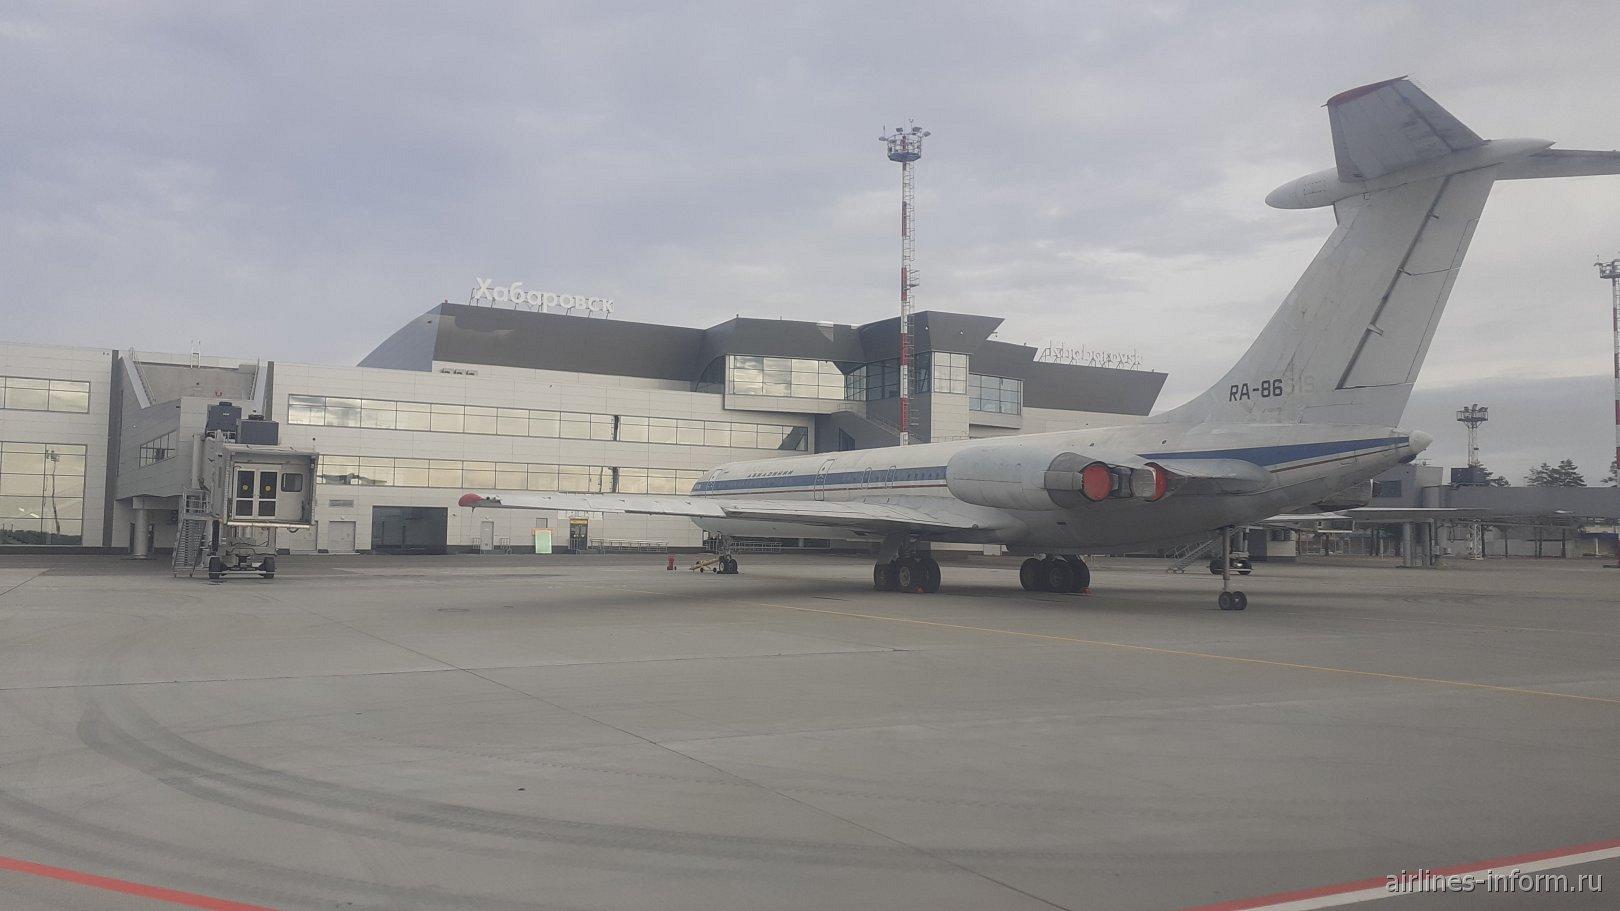 Самолет Ил-62 у нового терминала внутренних линий Хабаровского аэропорта